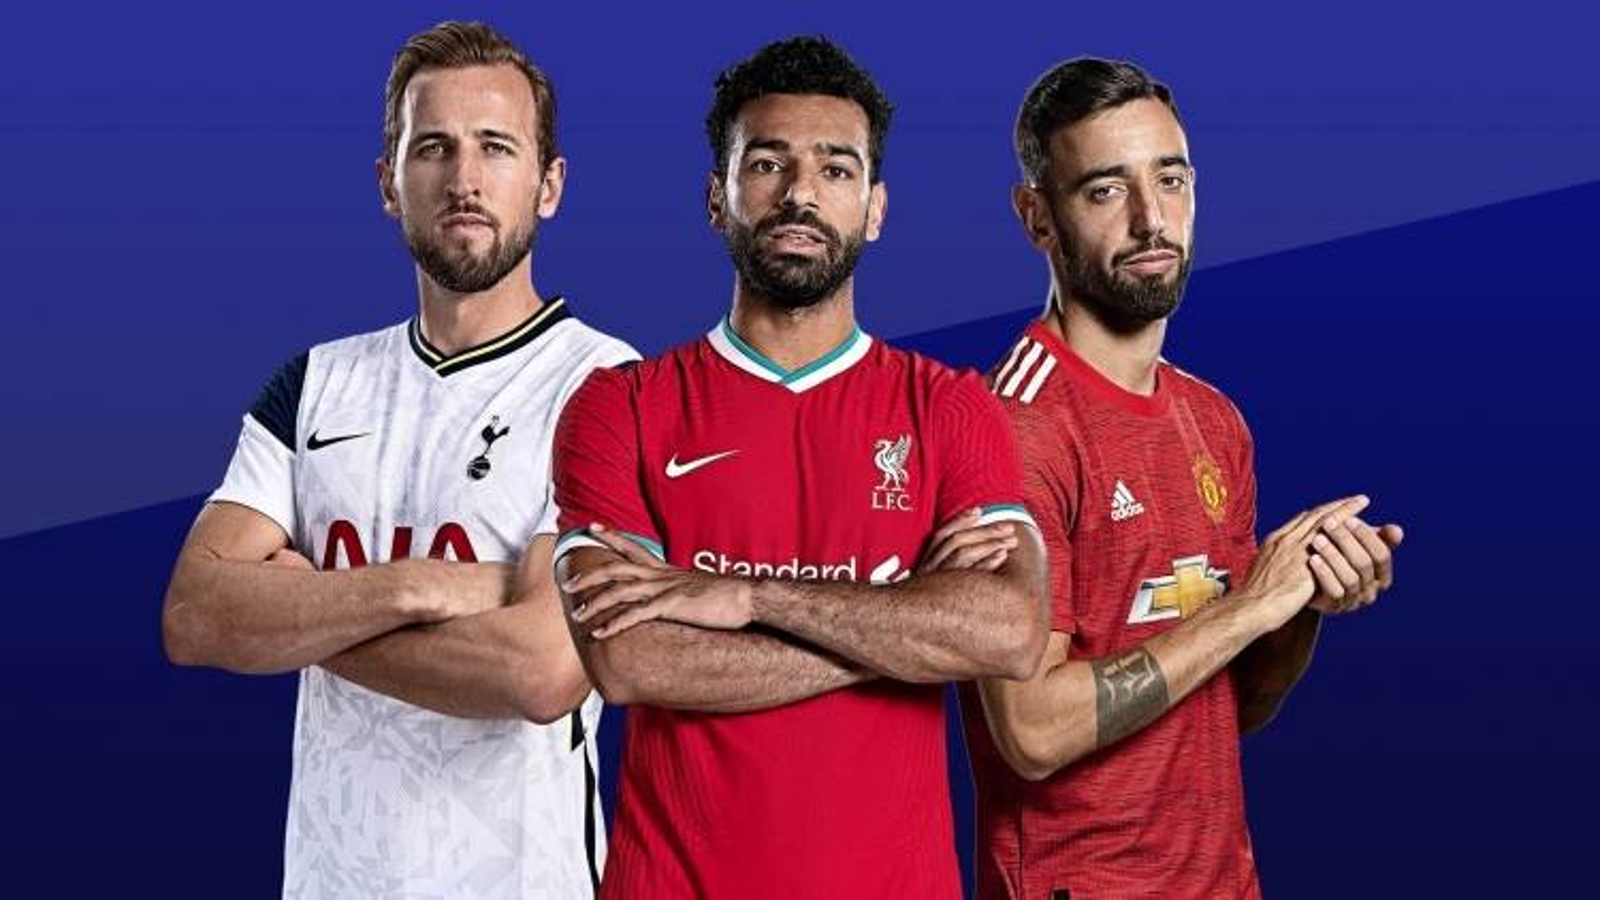 Cuộc đua vua phá lưới Ngoại hạng Anh 20/21: Salah gọi, Kane trả lời